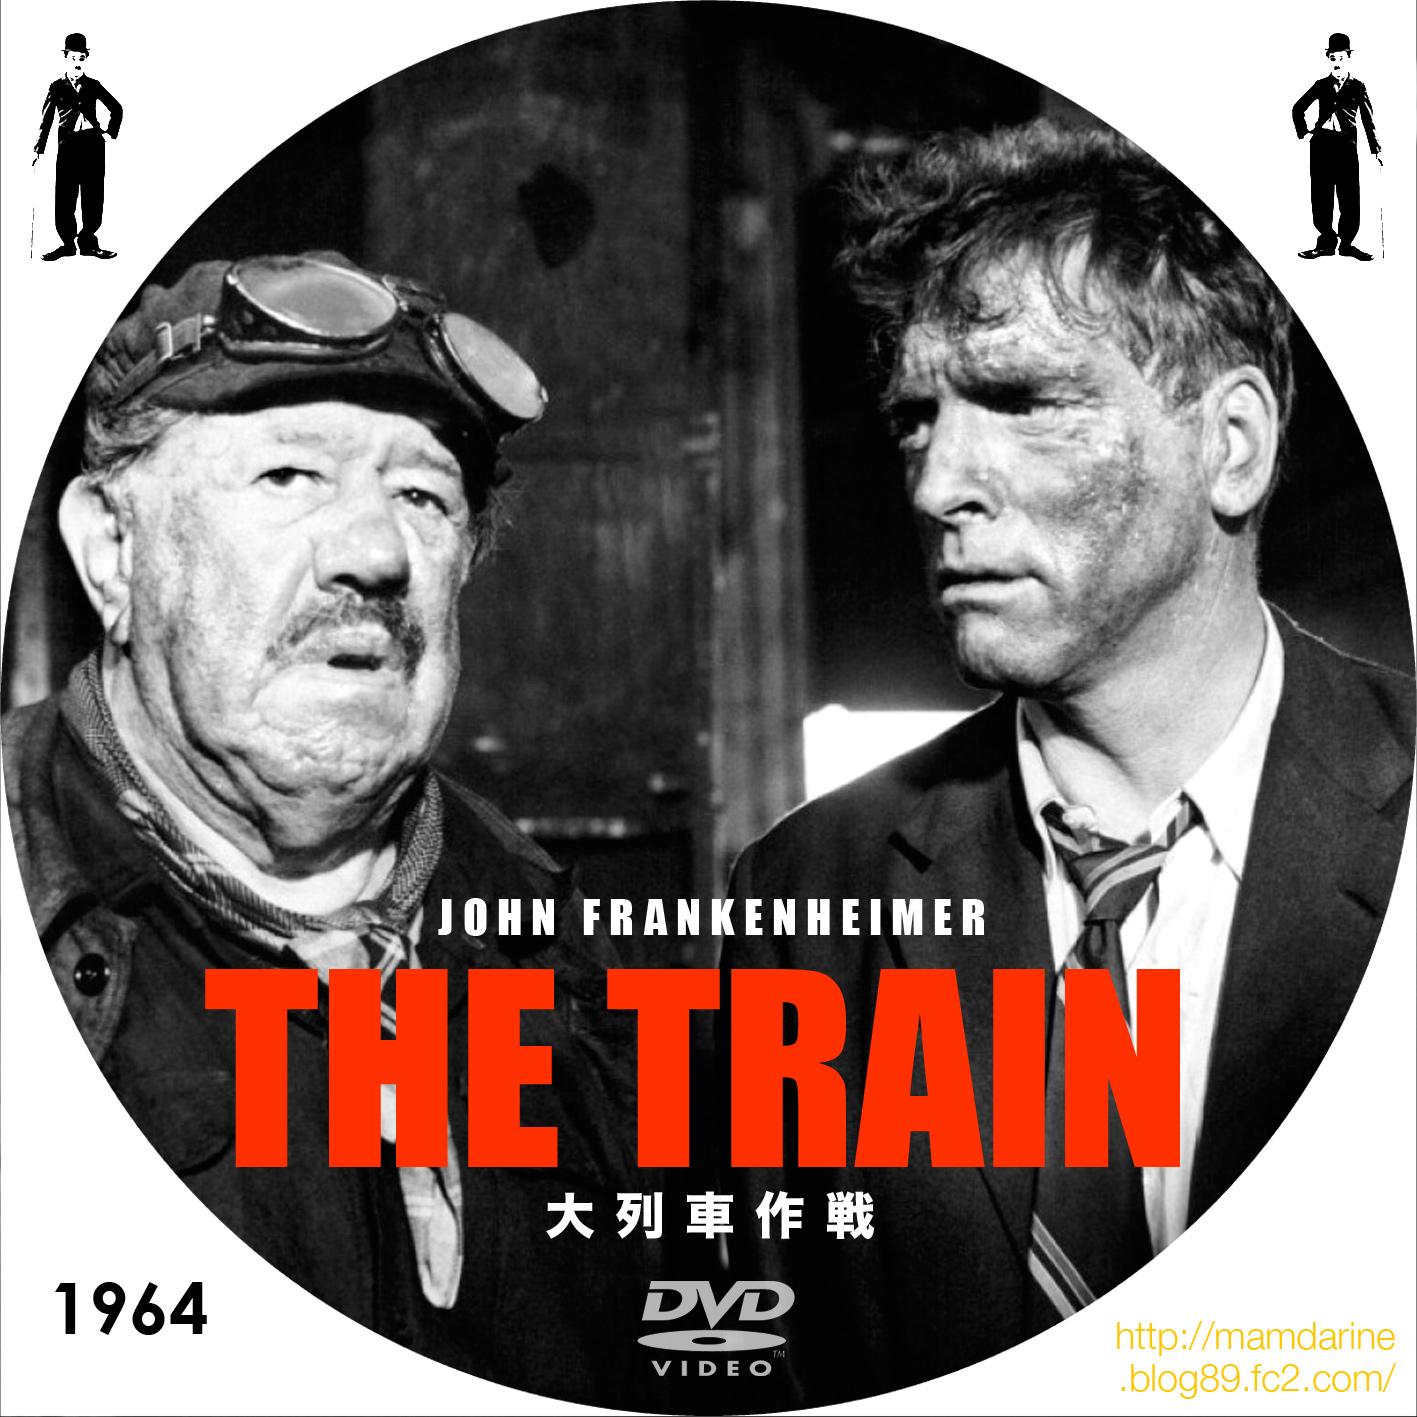 大列車作戦」 The Train(1964) - 美しき女たち男たち